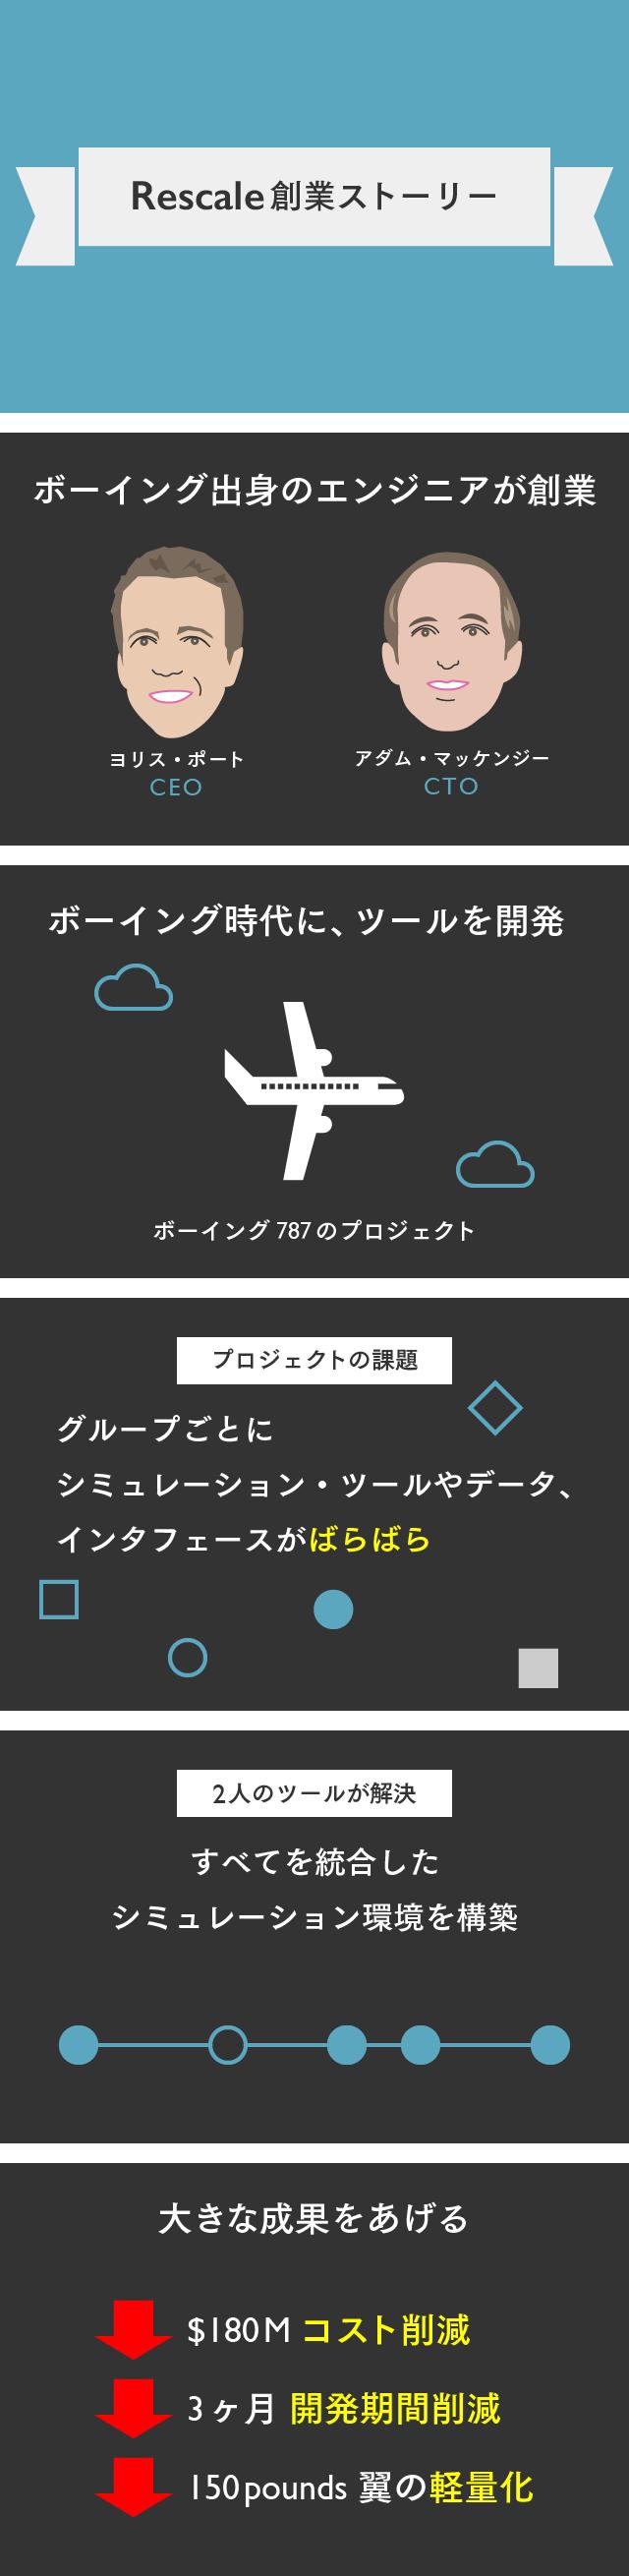 【マスター】Rescaleスライド_20150929-01